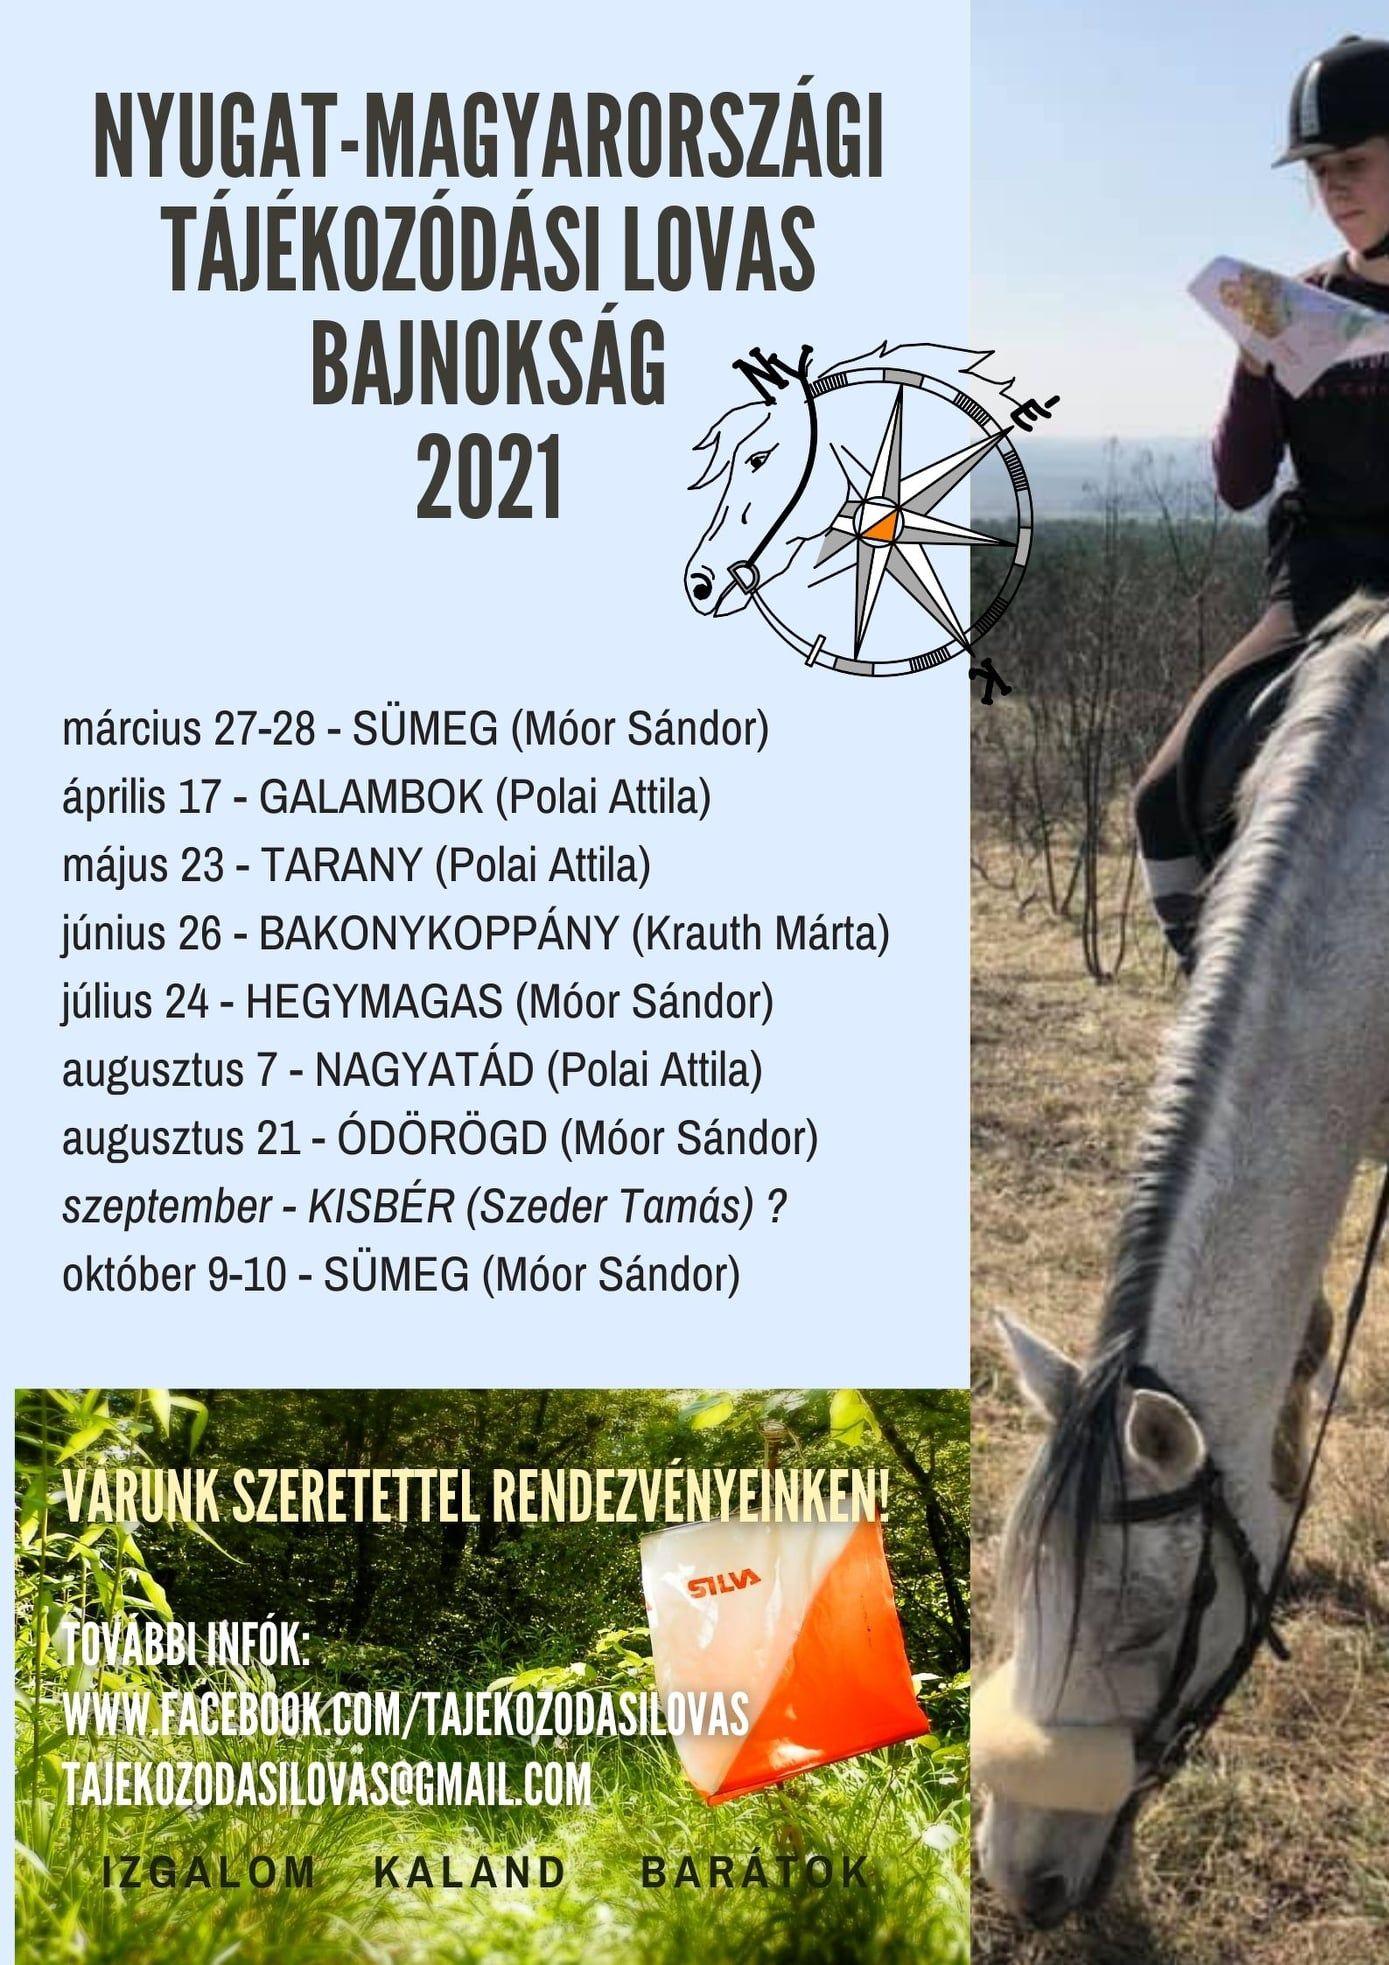 Nyugat-Magyarországi Tájékozódási lovas bajnokság